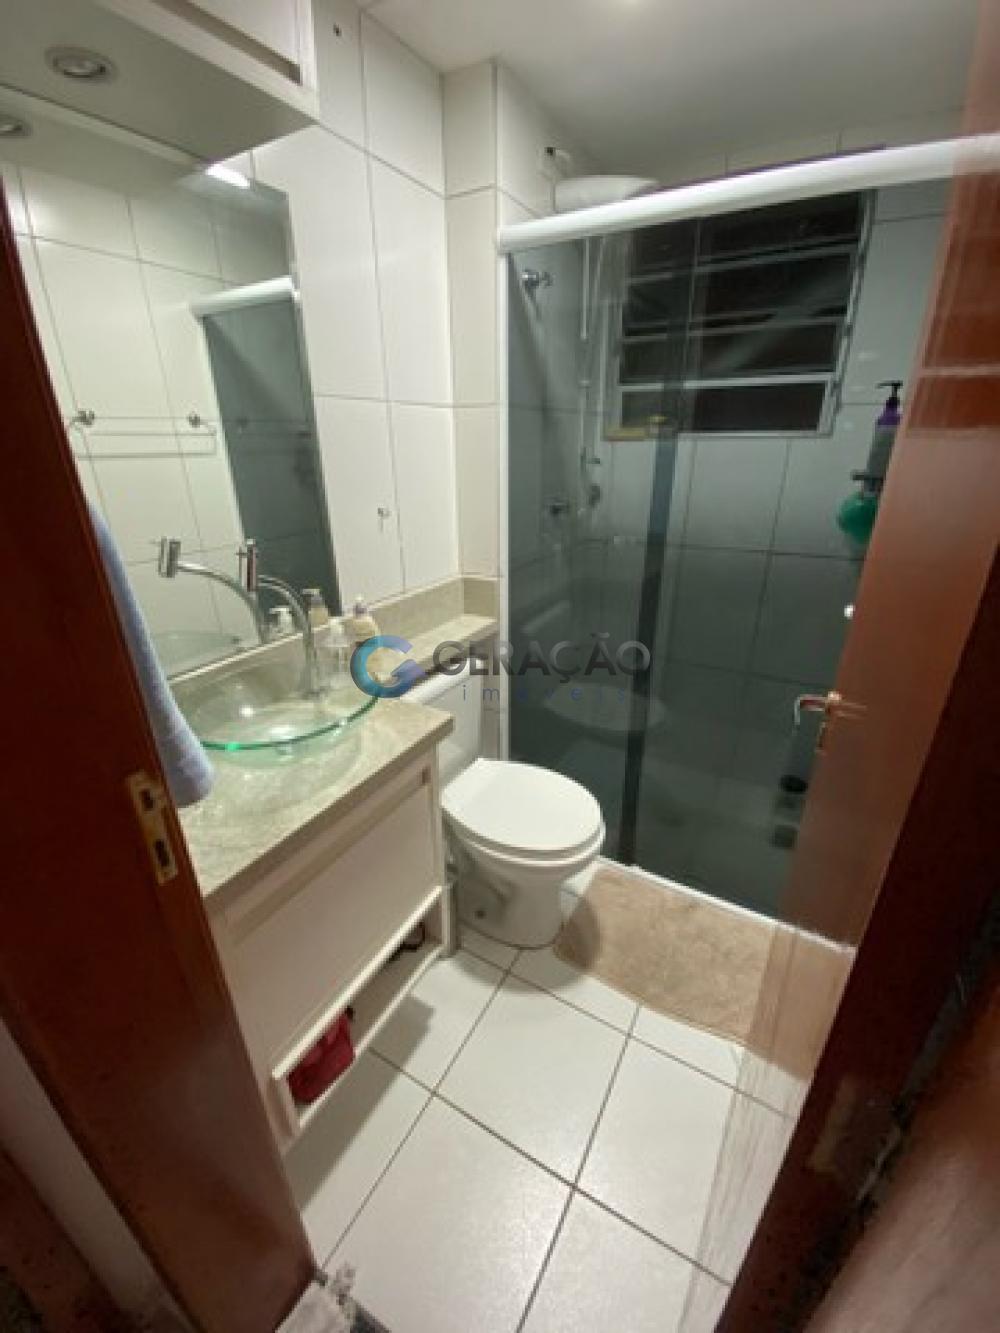 Comprar Apartamento / Padrão em São José dos Campos R$ 300.000,00 - Foto 13